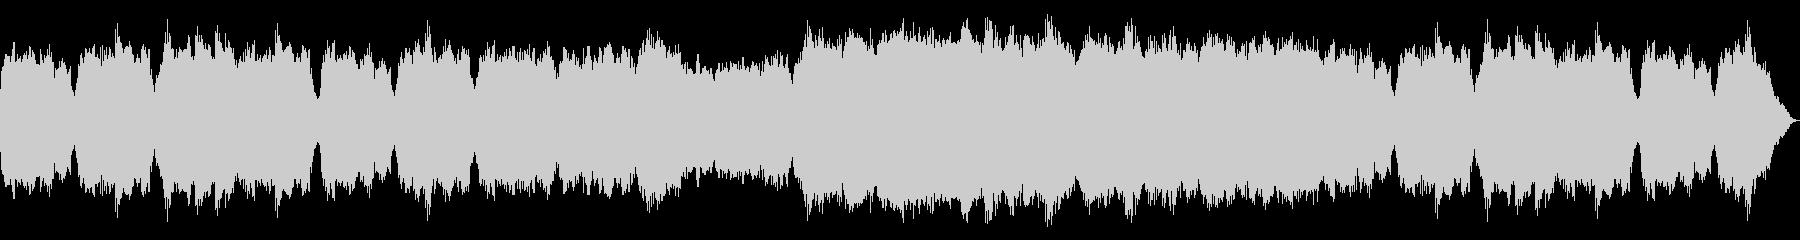 神聖な空間のBGMの未再生の波形